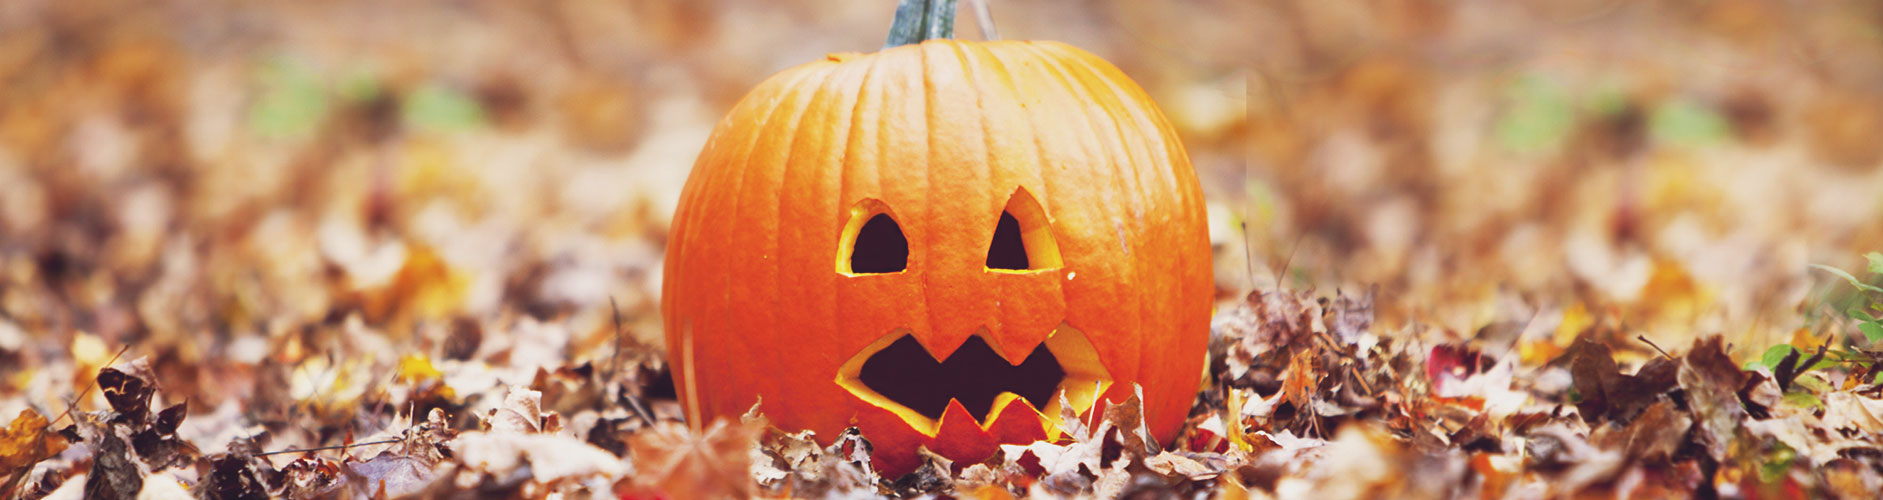 happy-halloween-humor